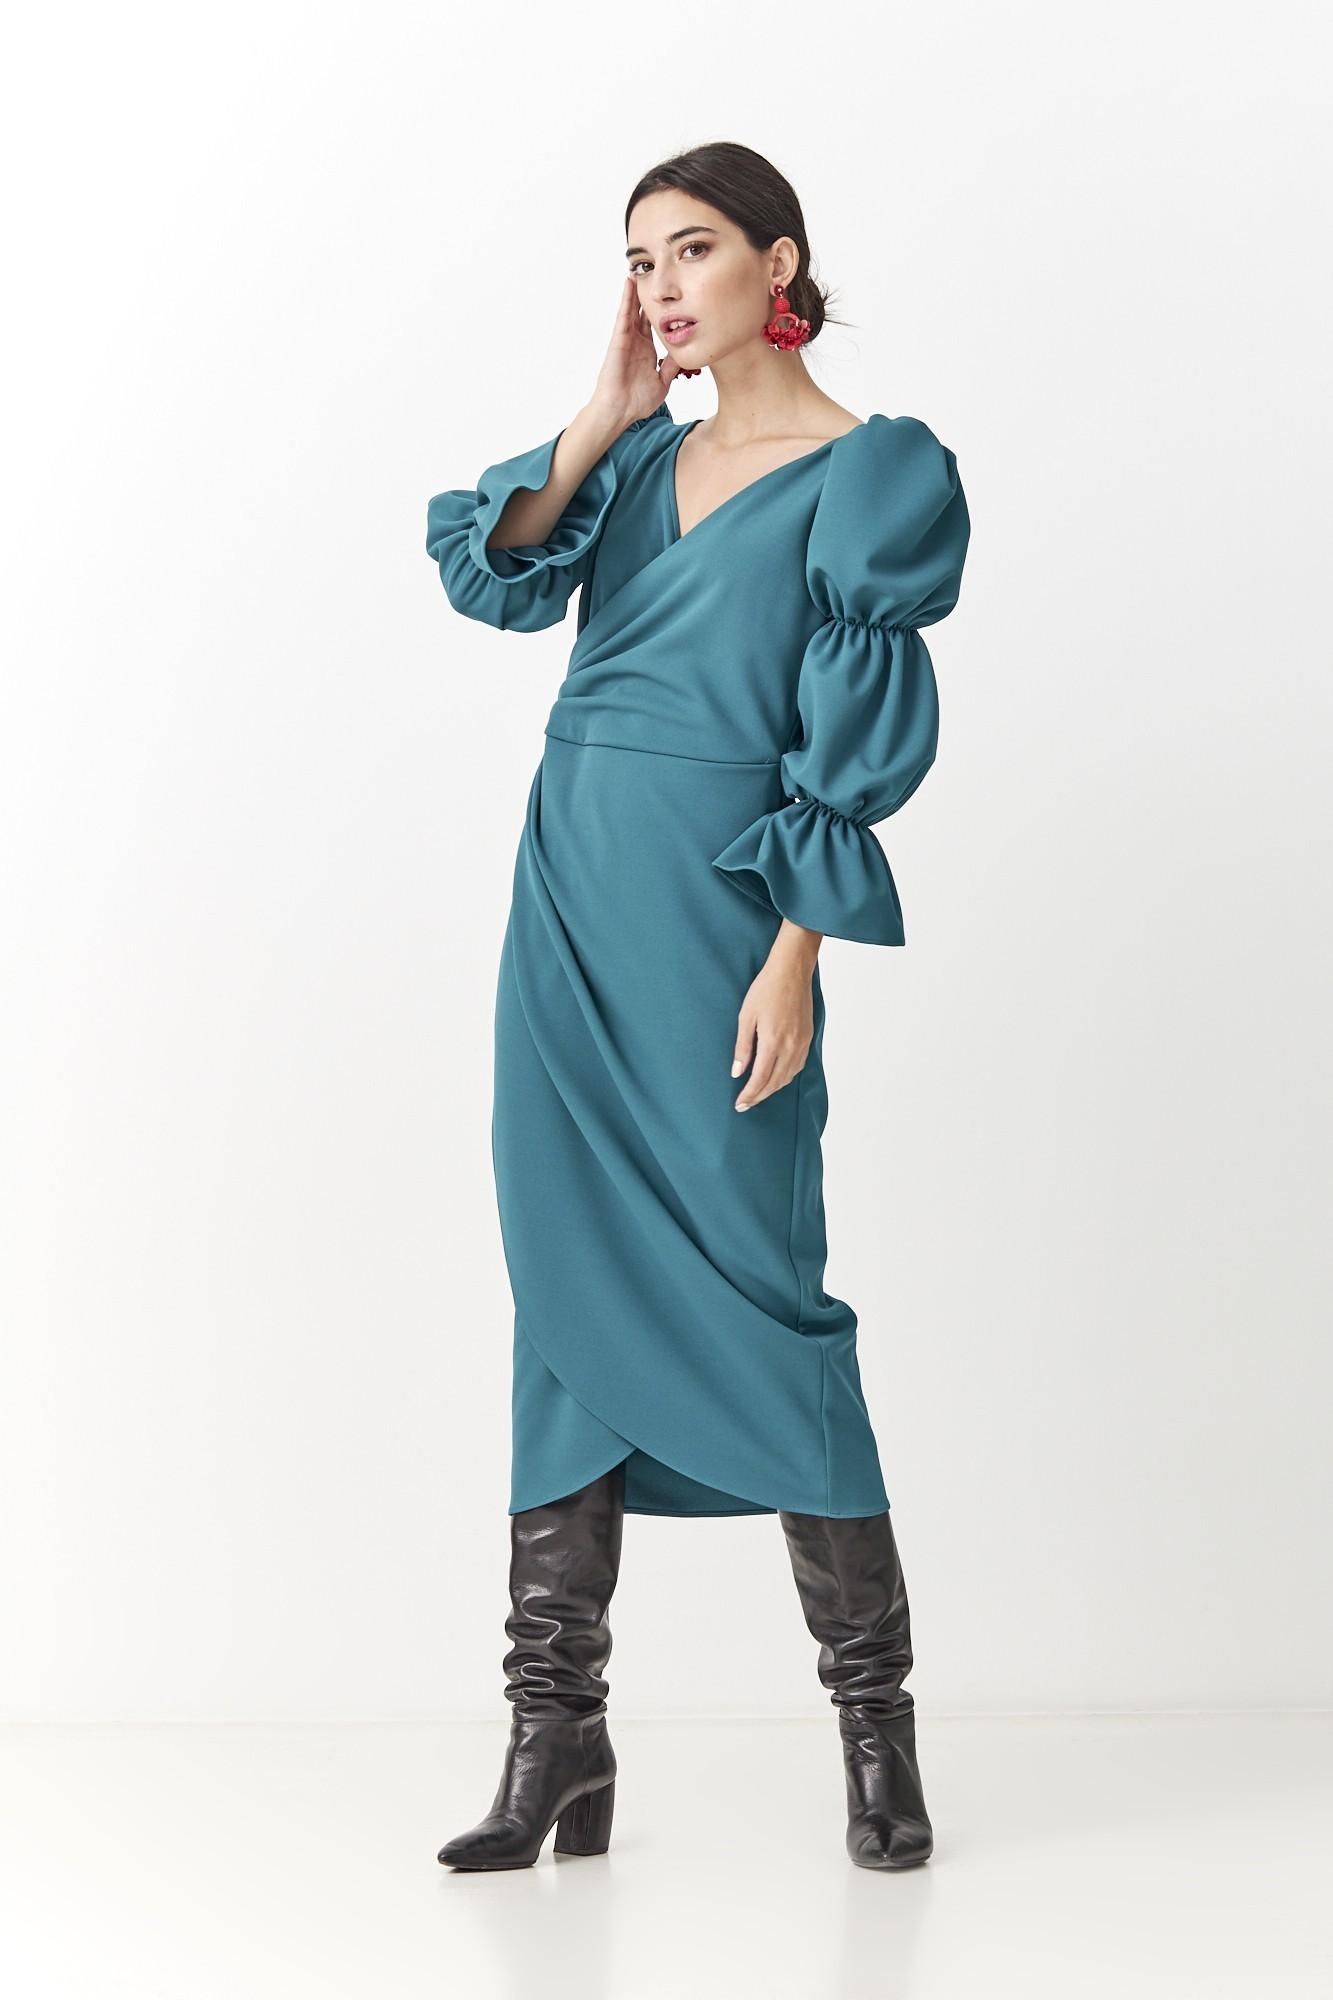 MUNNA BLUE DRESS